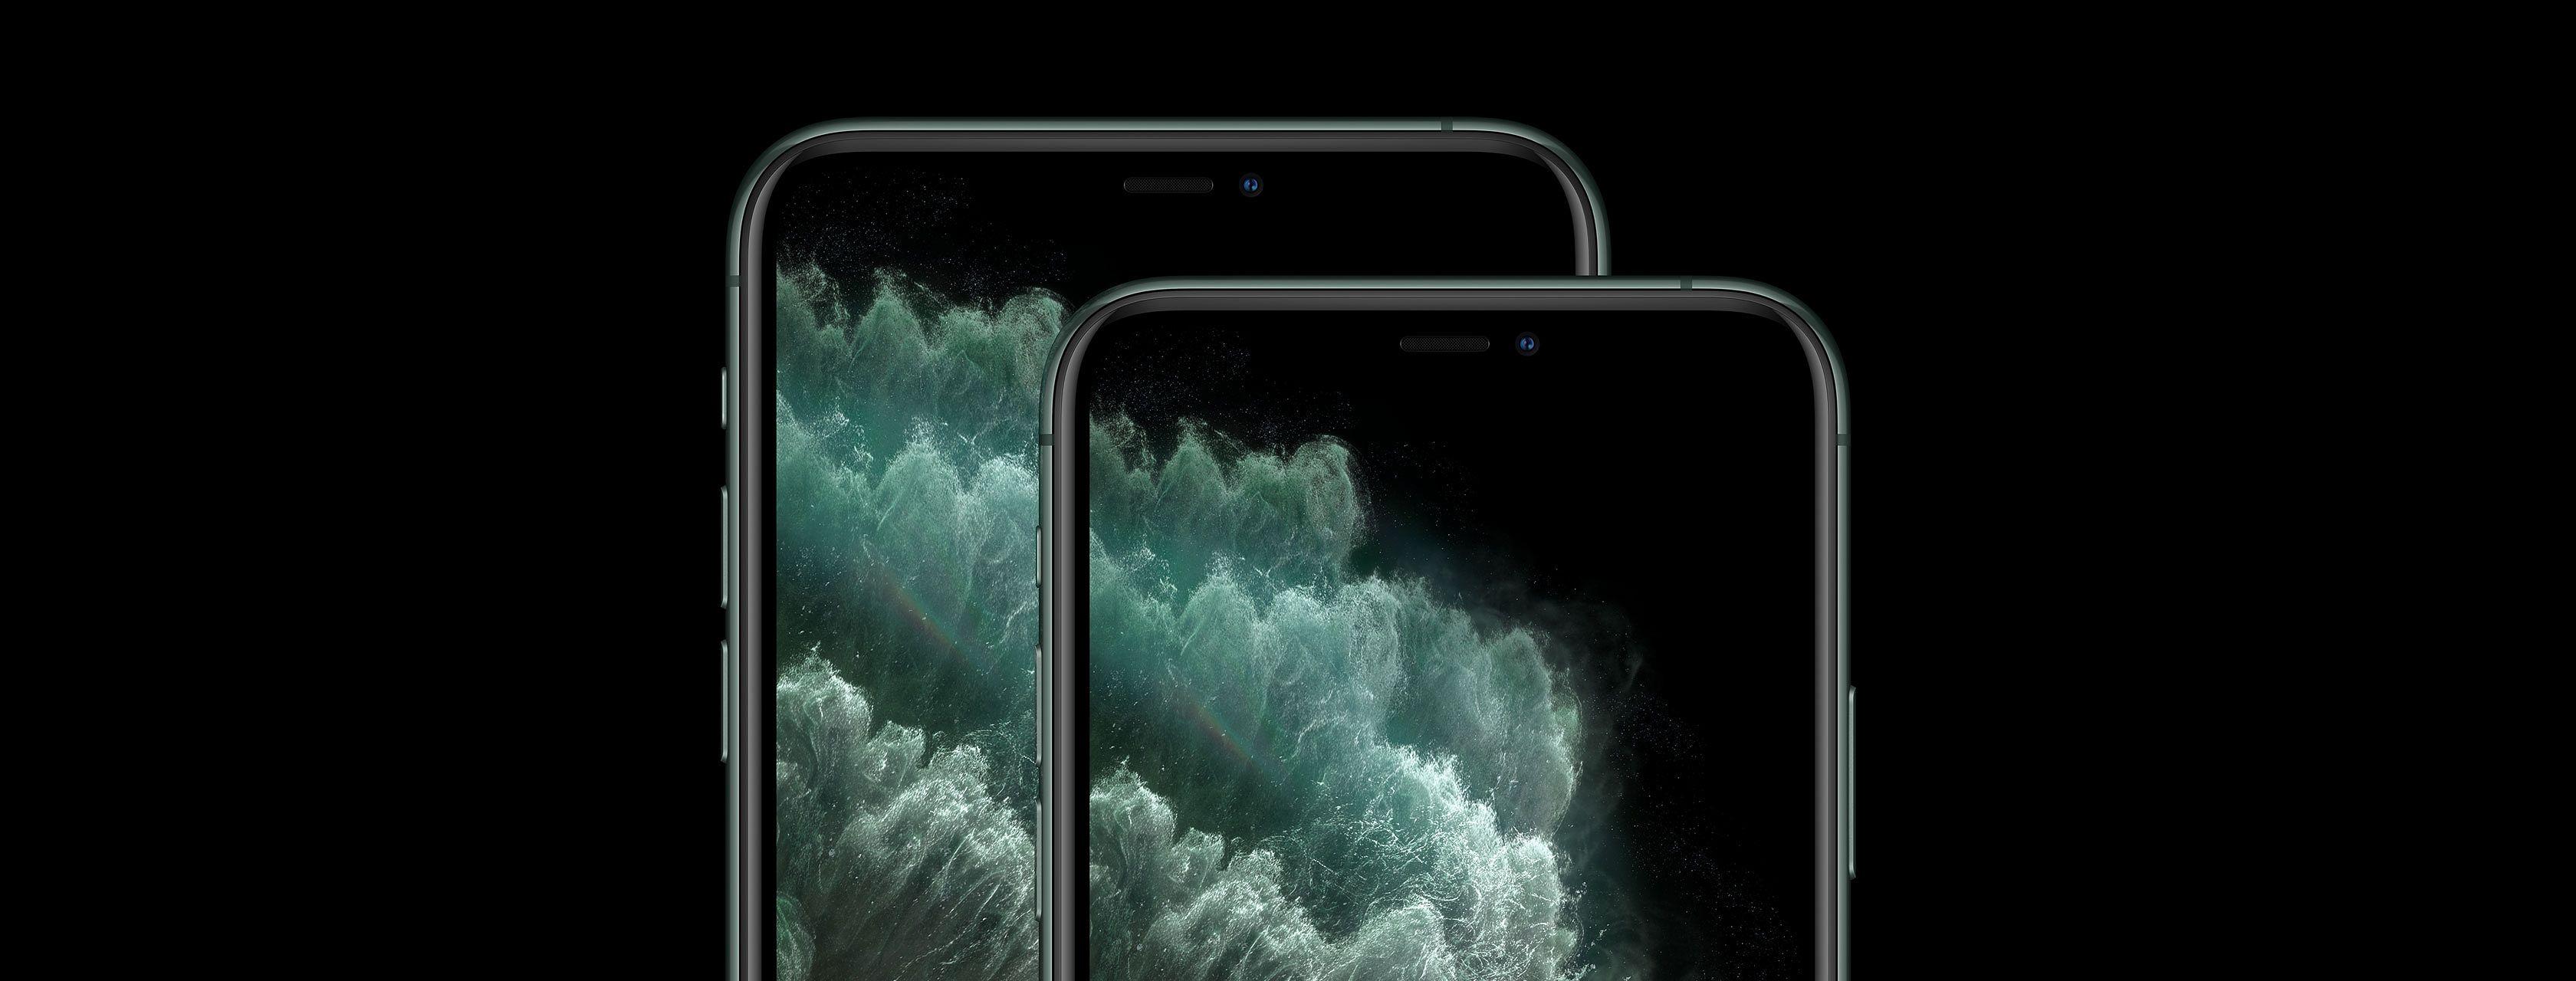 iPhone 11 Pro y Pro Max pantallas